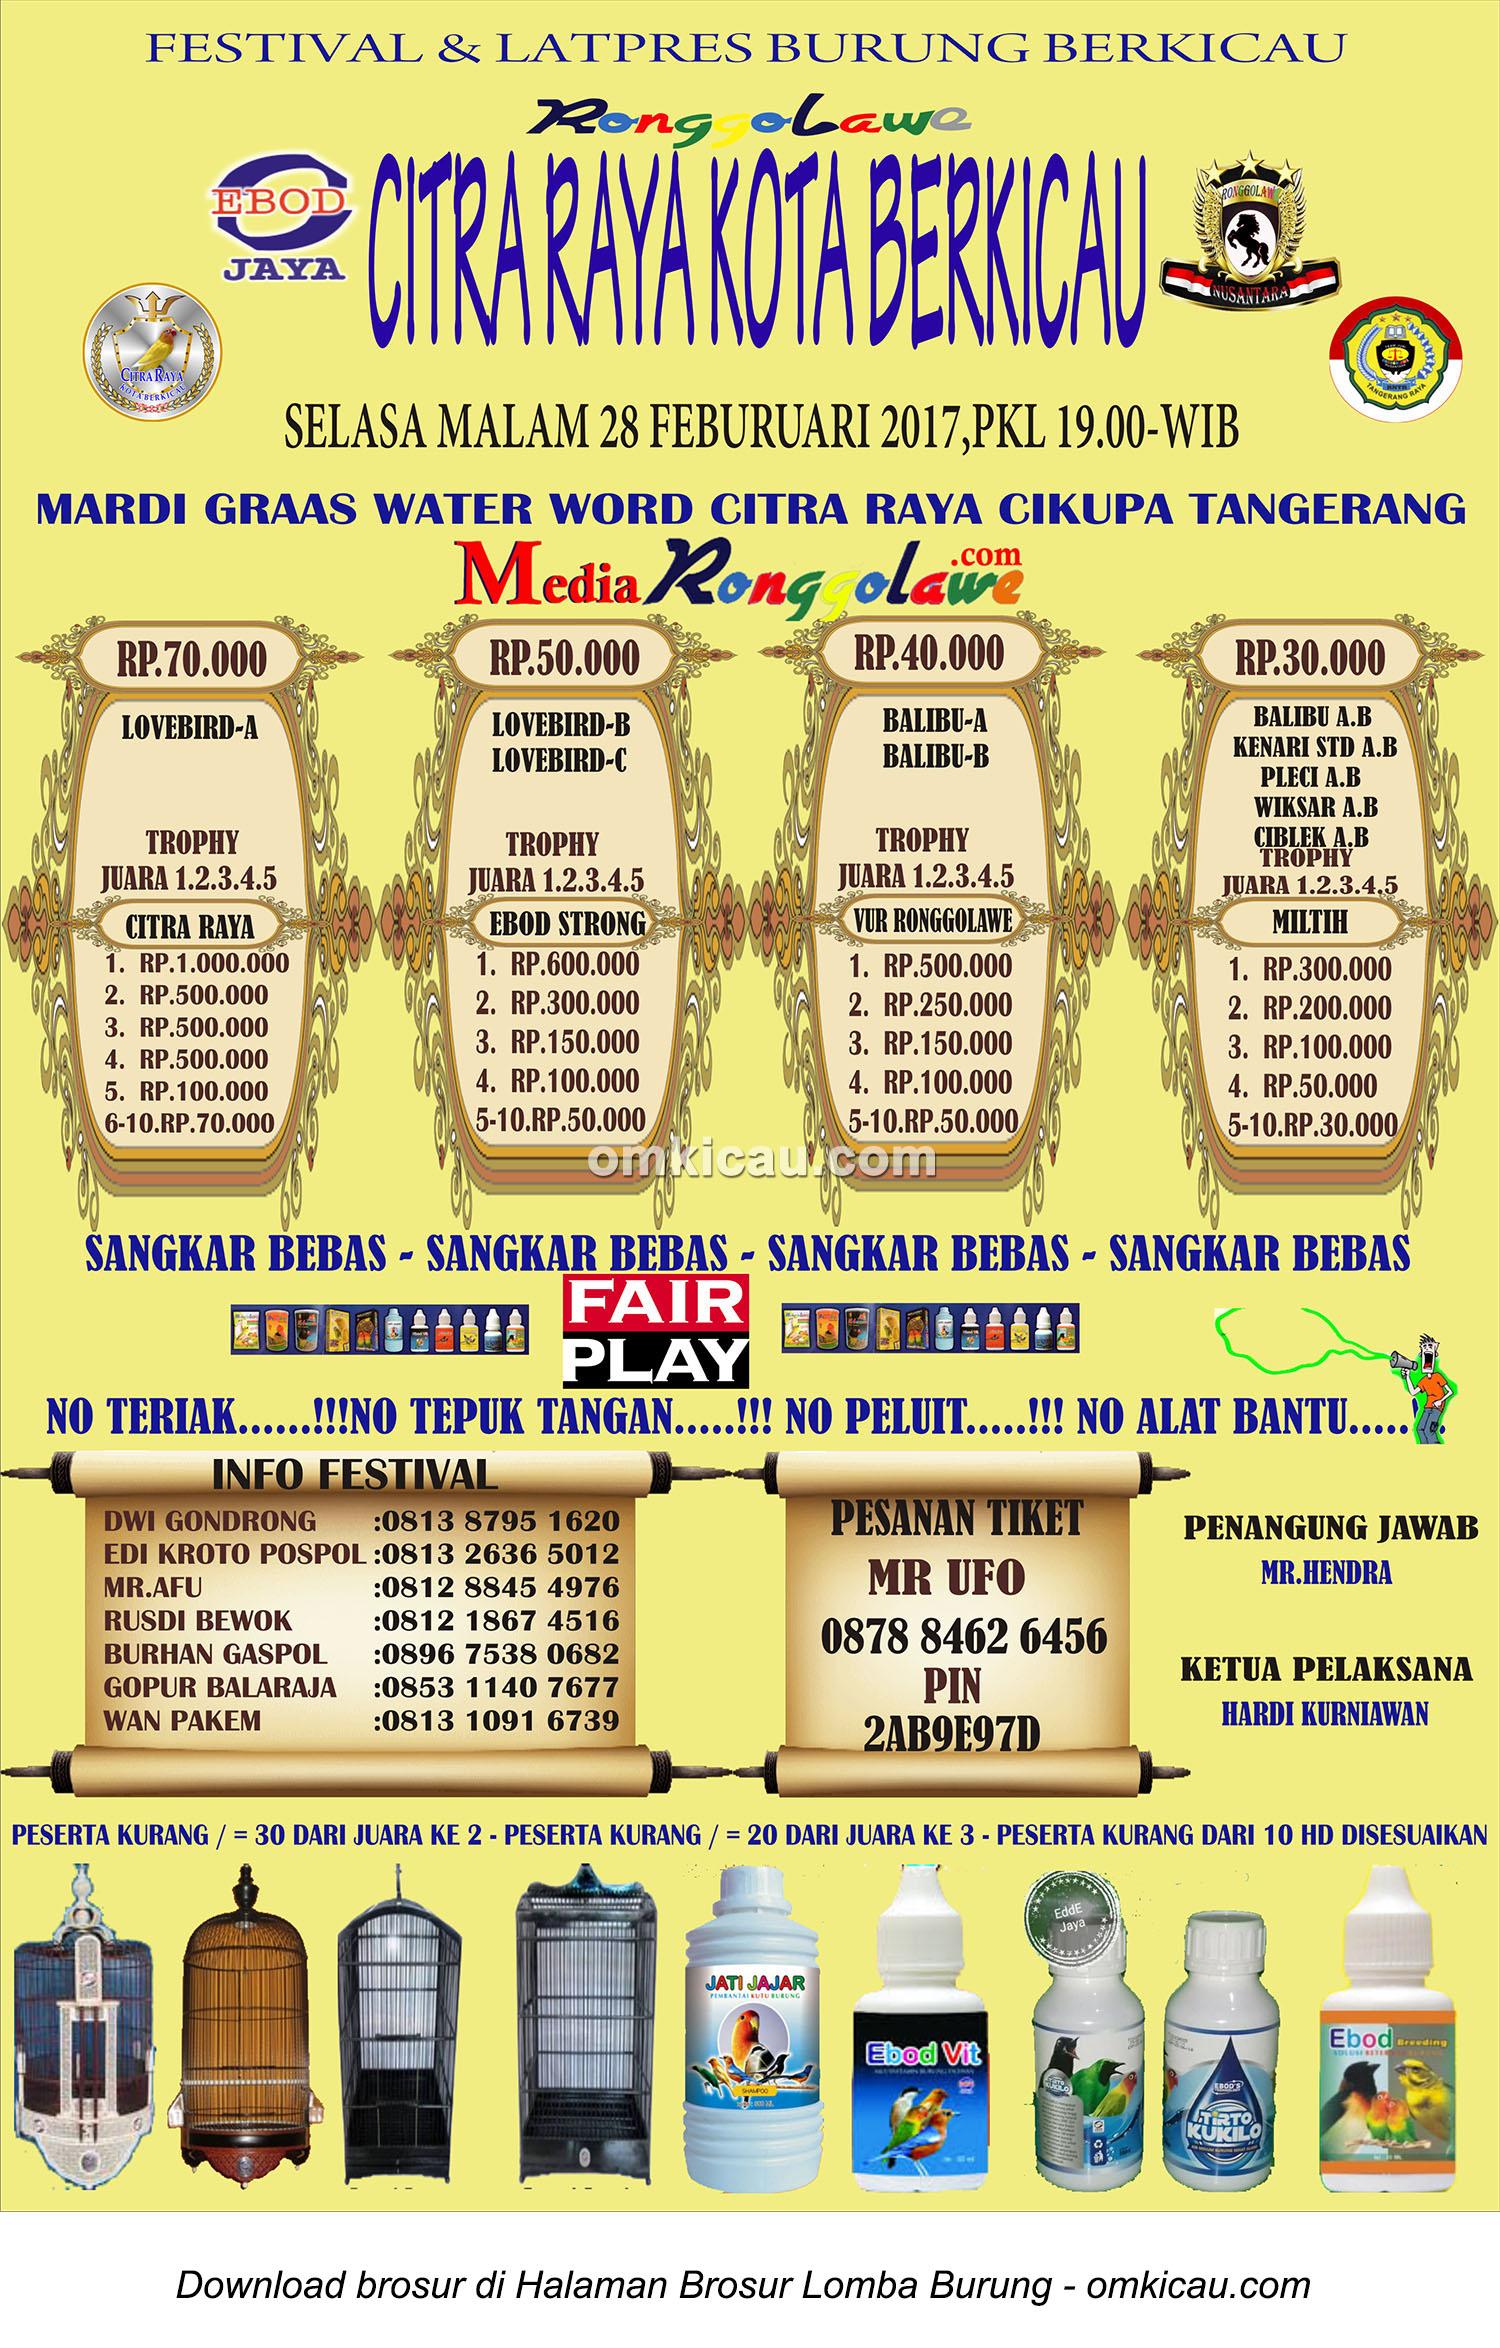 Brosur Latpres Citra Raya Kota Berkicau Tangerang 28 Februari 2017